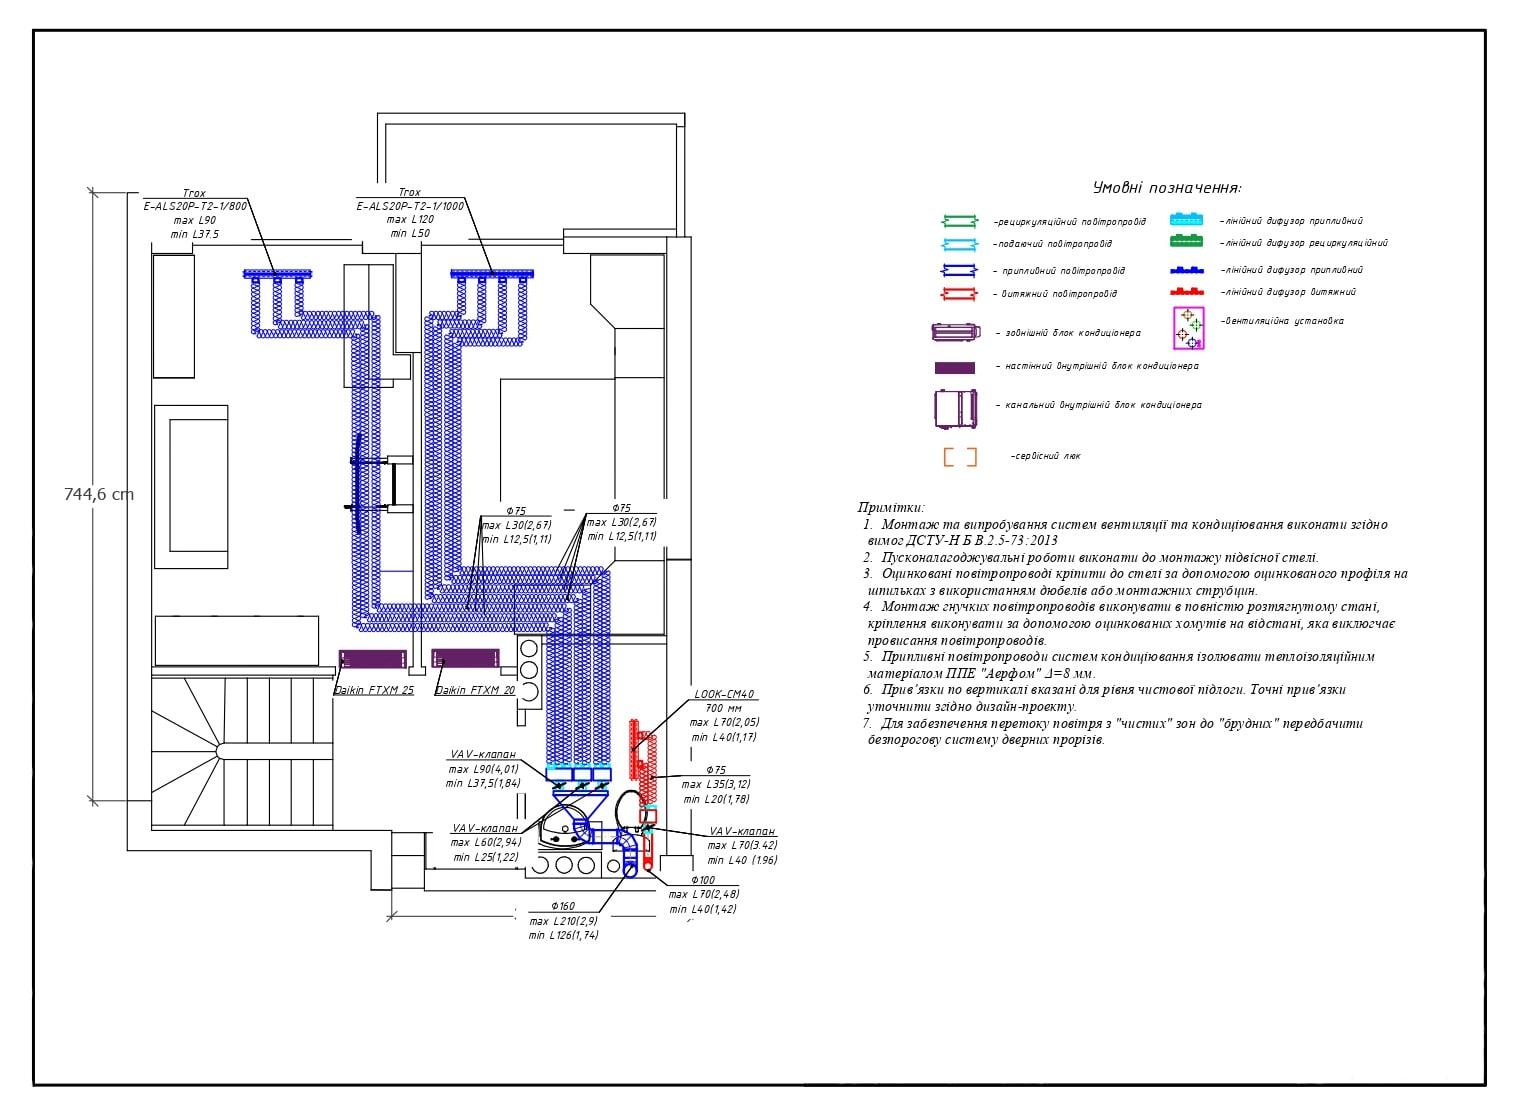 Чертеж системы вентиляции с рекуператором тепла на 2м этаже